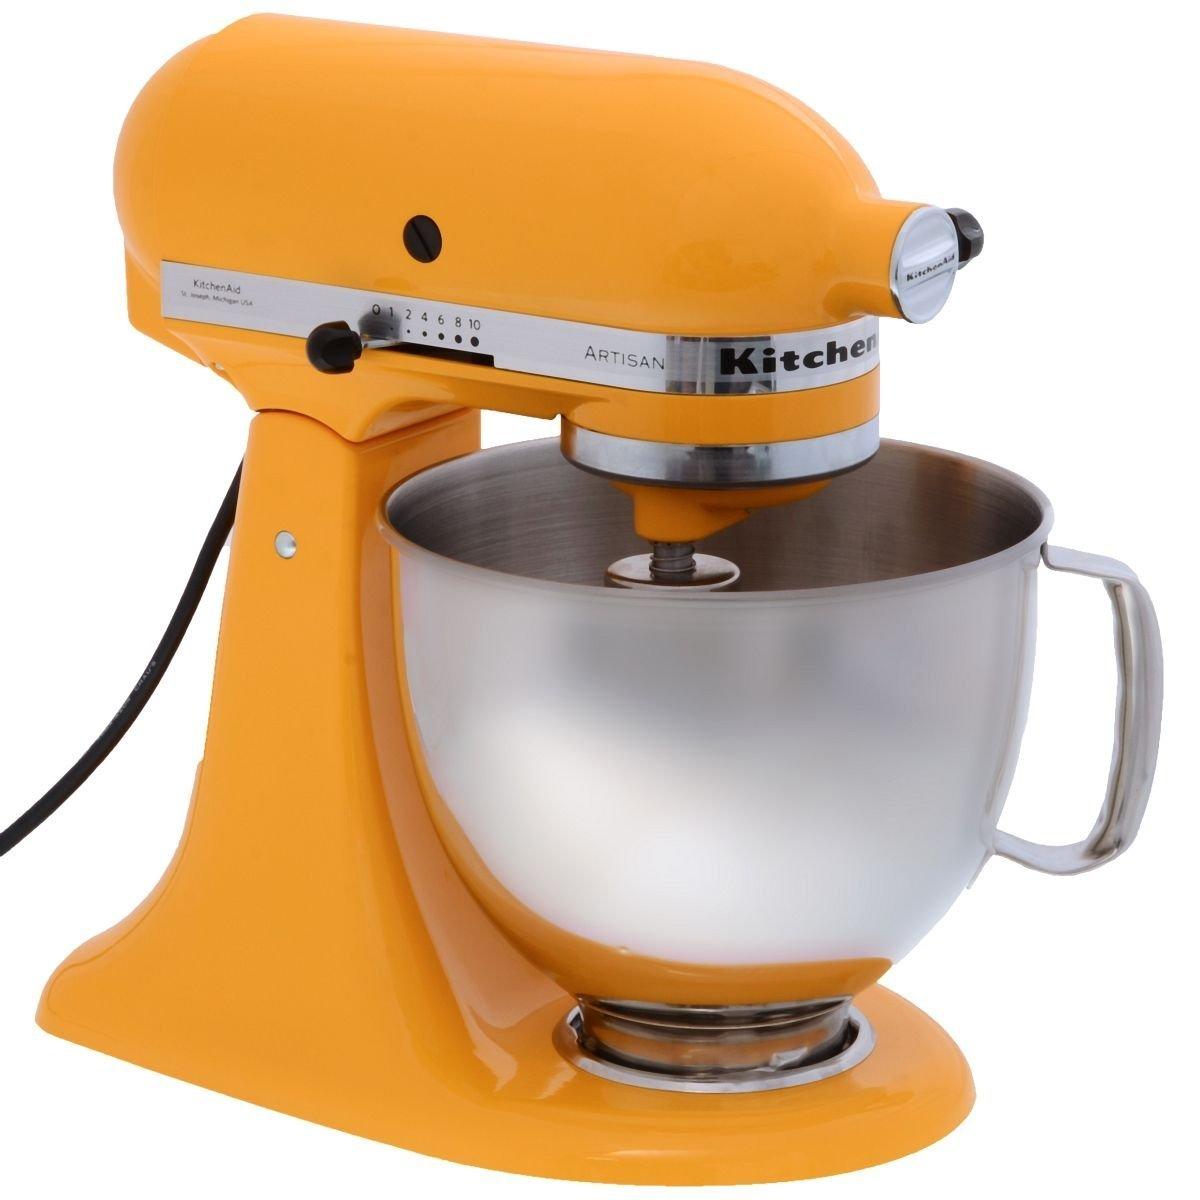 KitchenAid - Robot da cucina Artisan Giallo - Stilmobili - Life ...